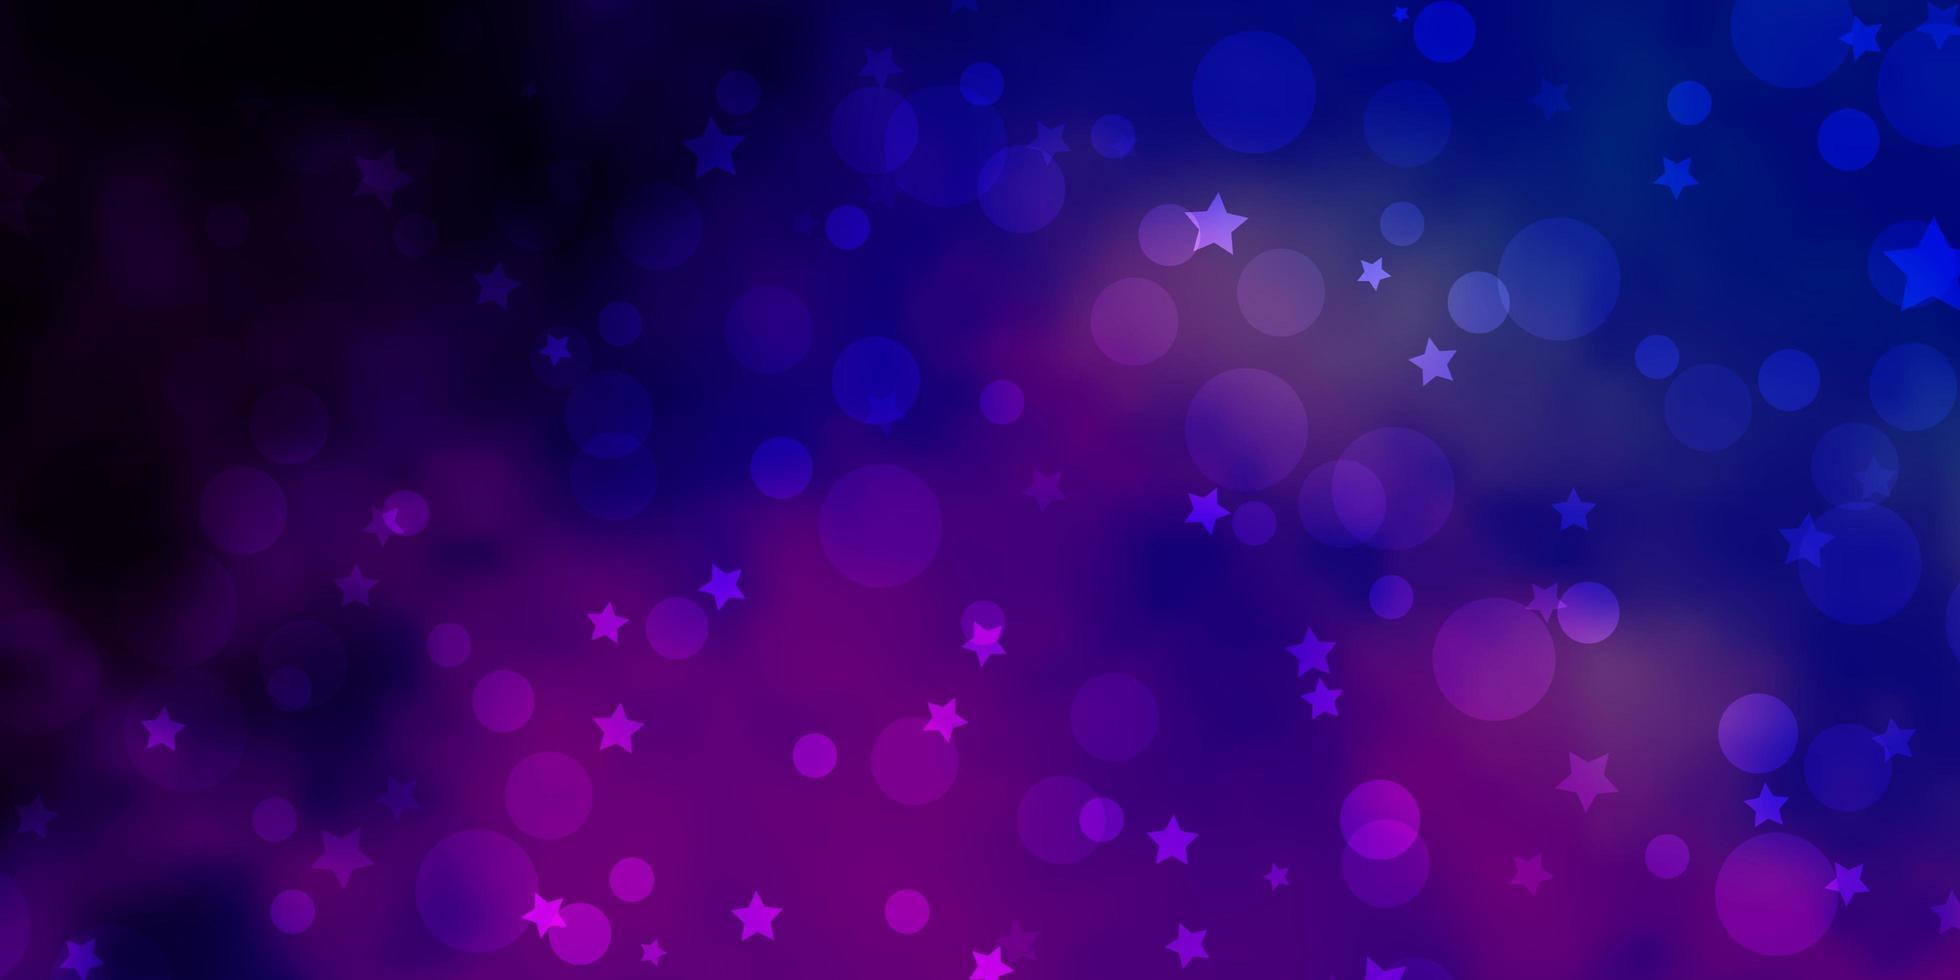 ljusrosa, blå vektormall med cirklar, stjärnor. vektor